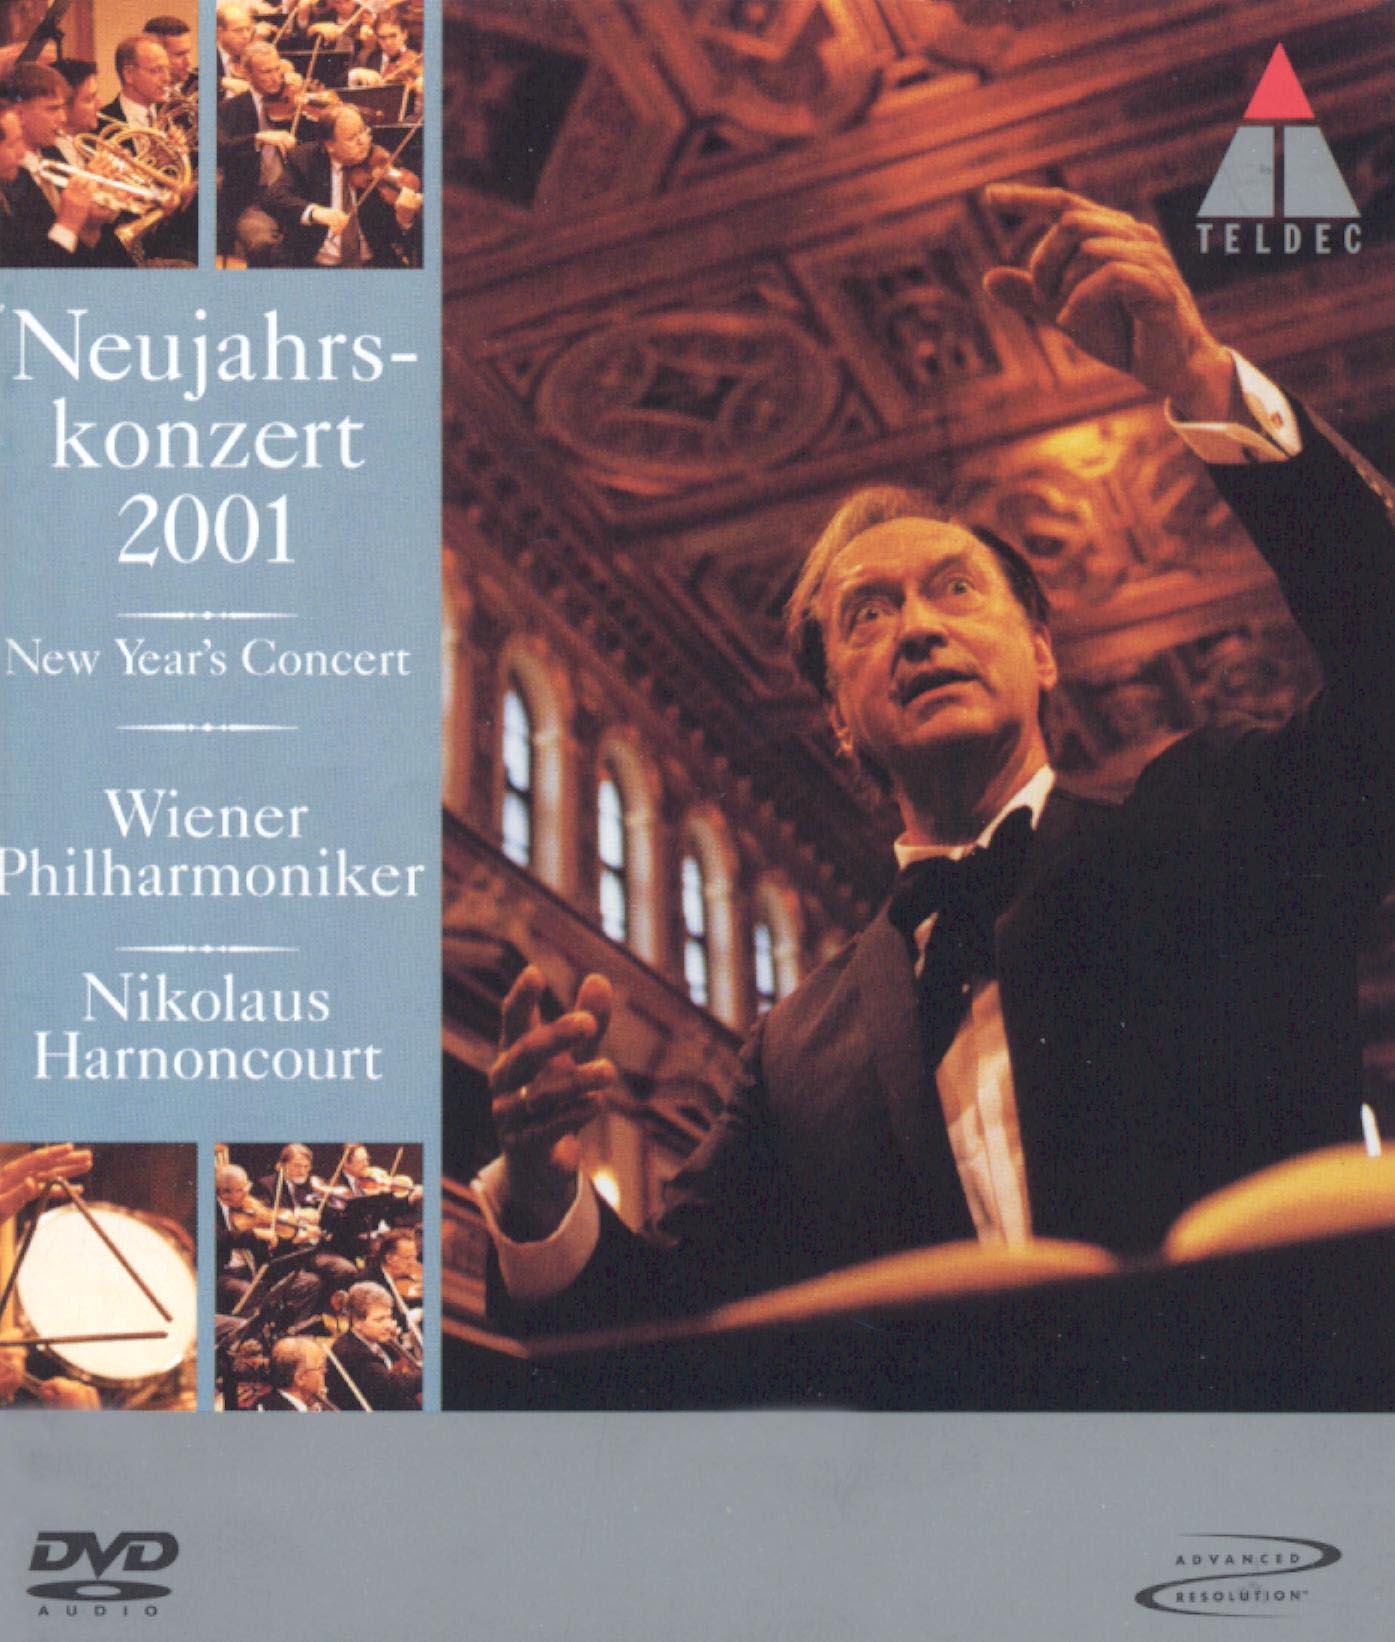 Wiener Philharmoniker: Neujahrskonzert 2001